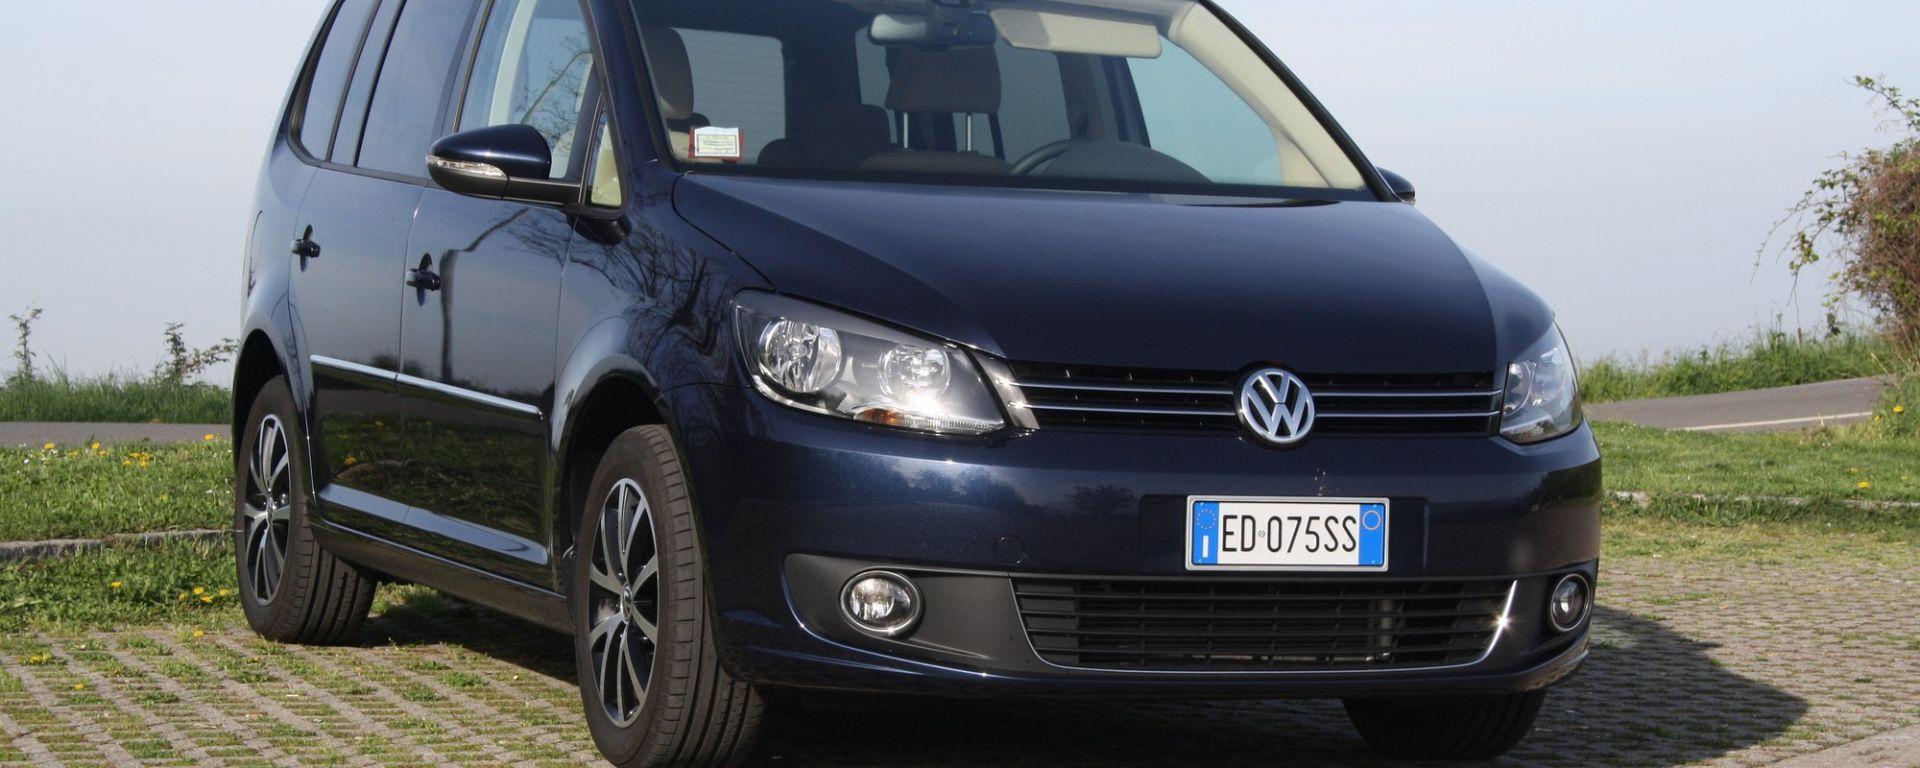 test drive volkswagen touran 2 0 tdi 170 cv dsg motorbox. Black Bedroom Furniture Sets. Home Design Ideas